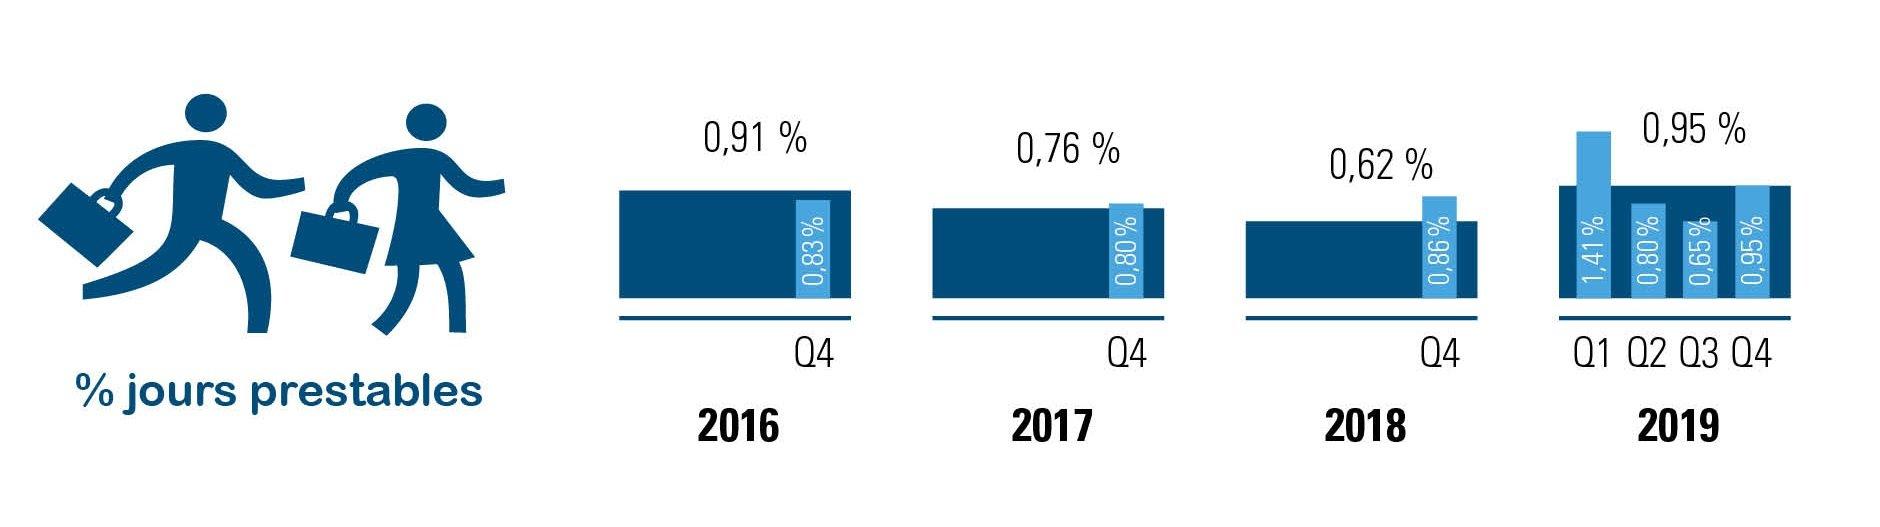 Chômage économique temporaire des ouvriers en 2019 versus 2016-2017-2018